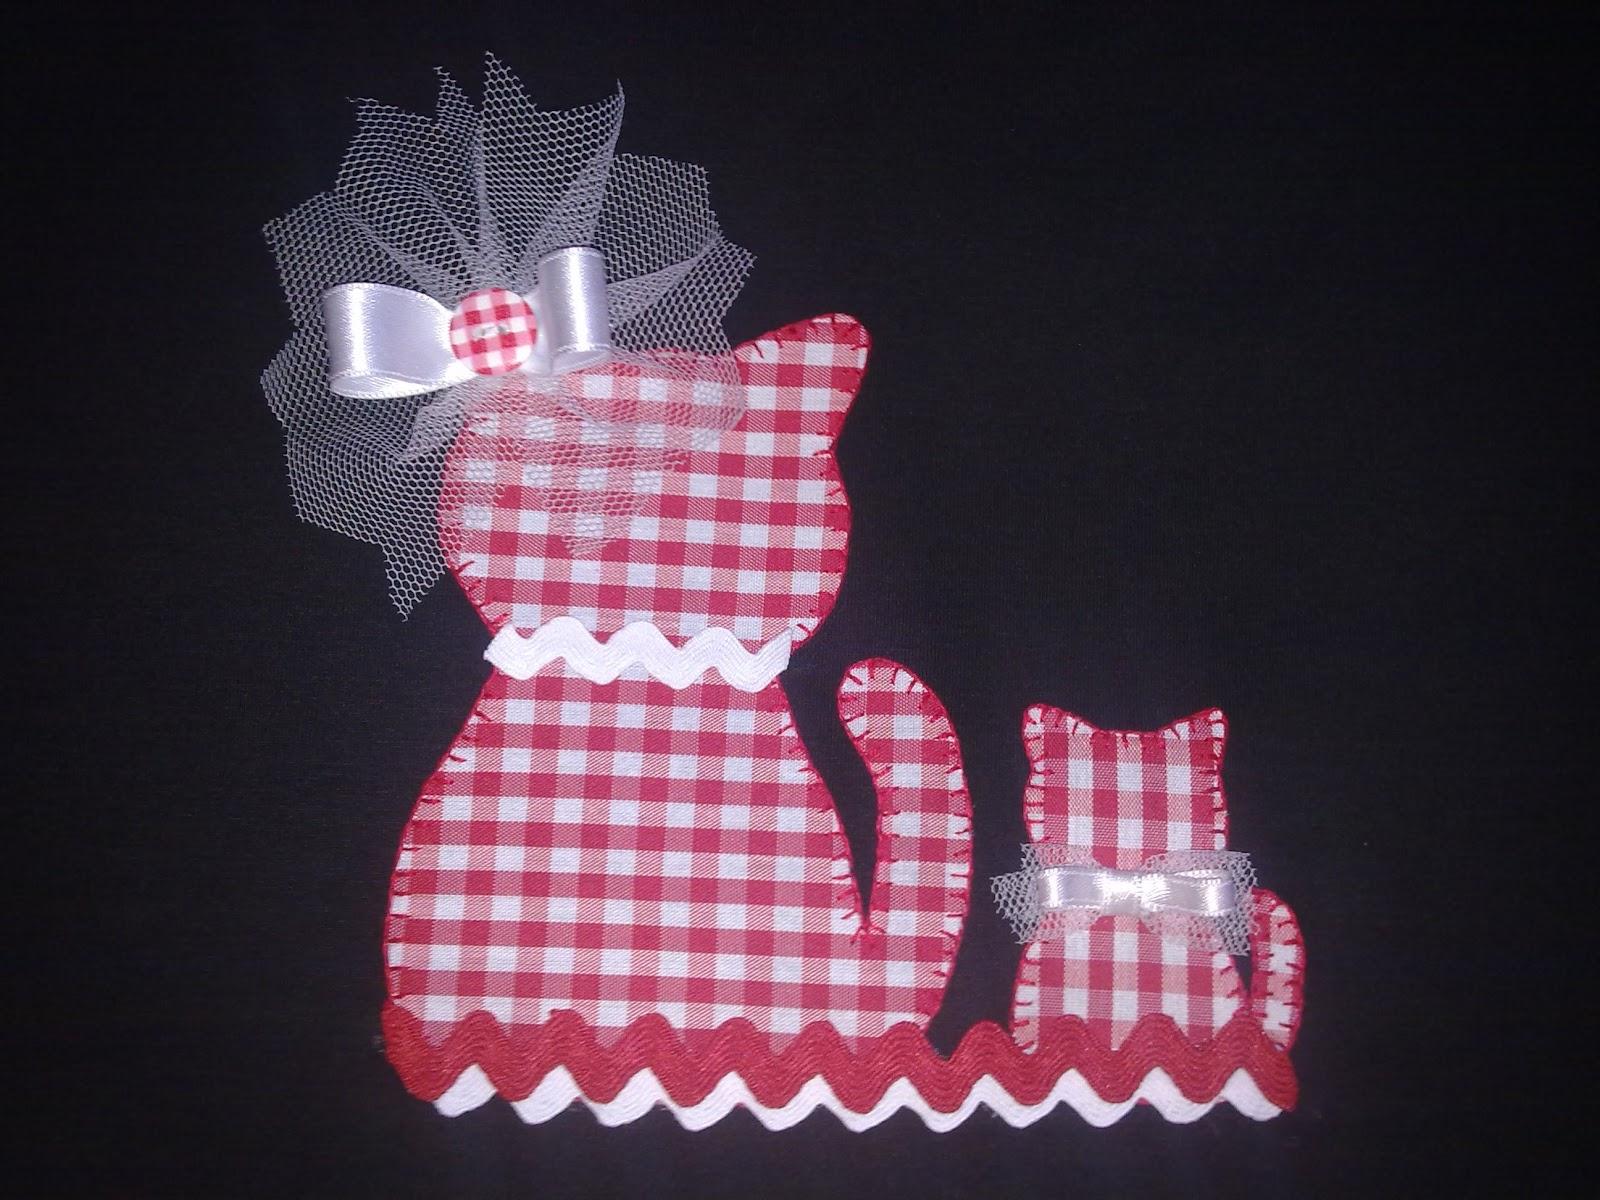 detalle de gatos hechos a mano con telas para camiseta de mujer o niña